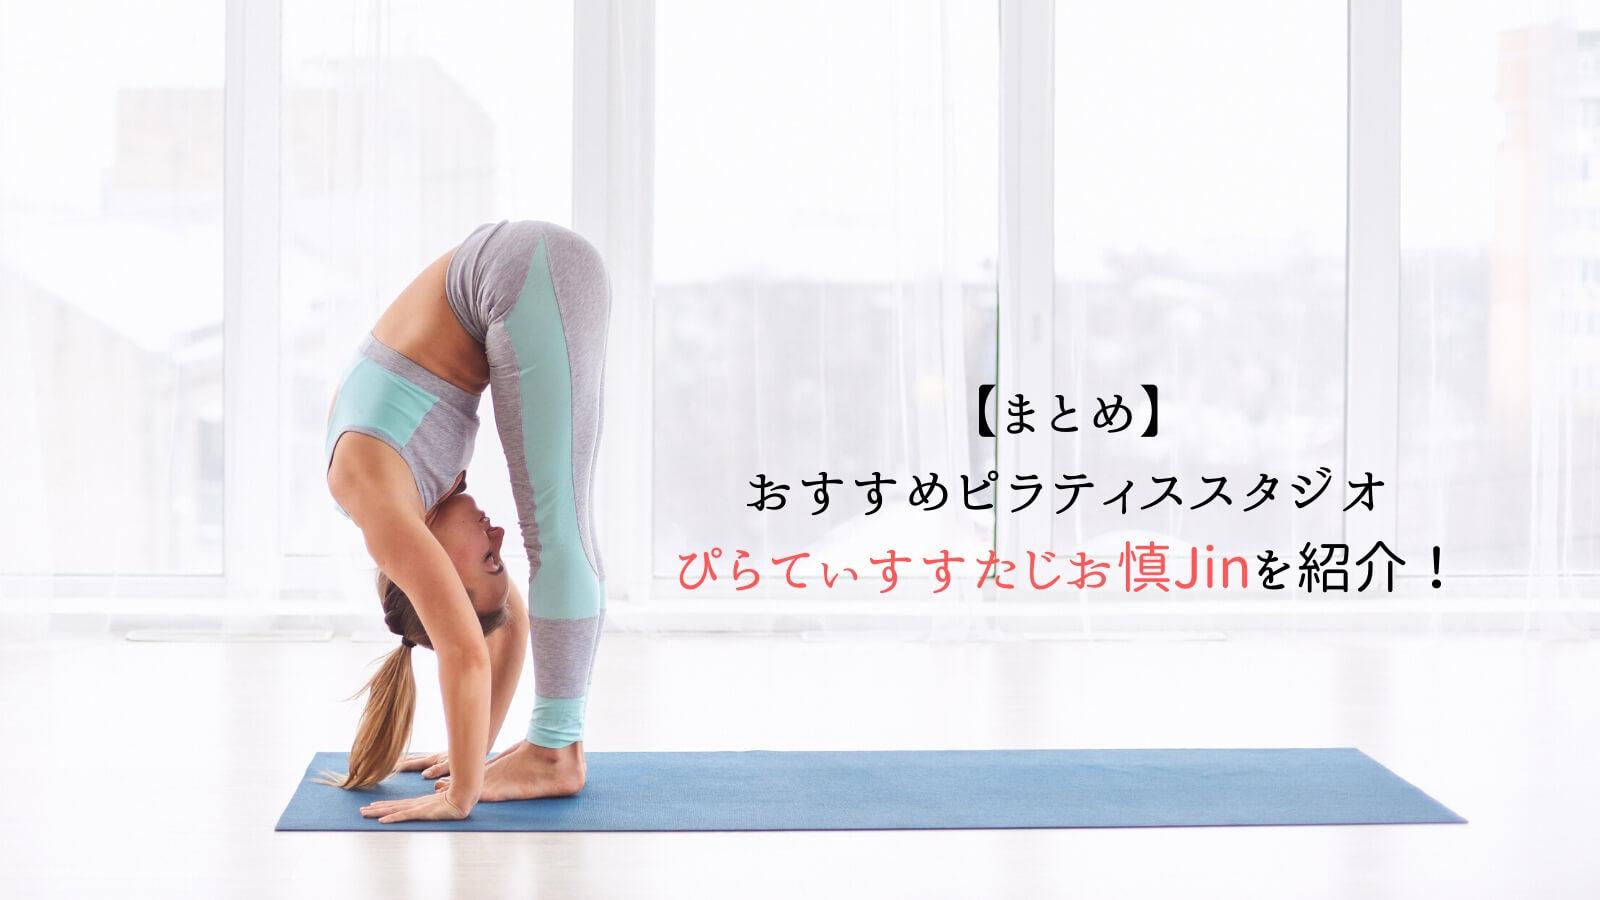 【まとめ】おすすめスタジオ「ぴらてぃすすたじお慎Jin」を紹介!